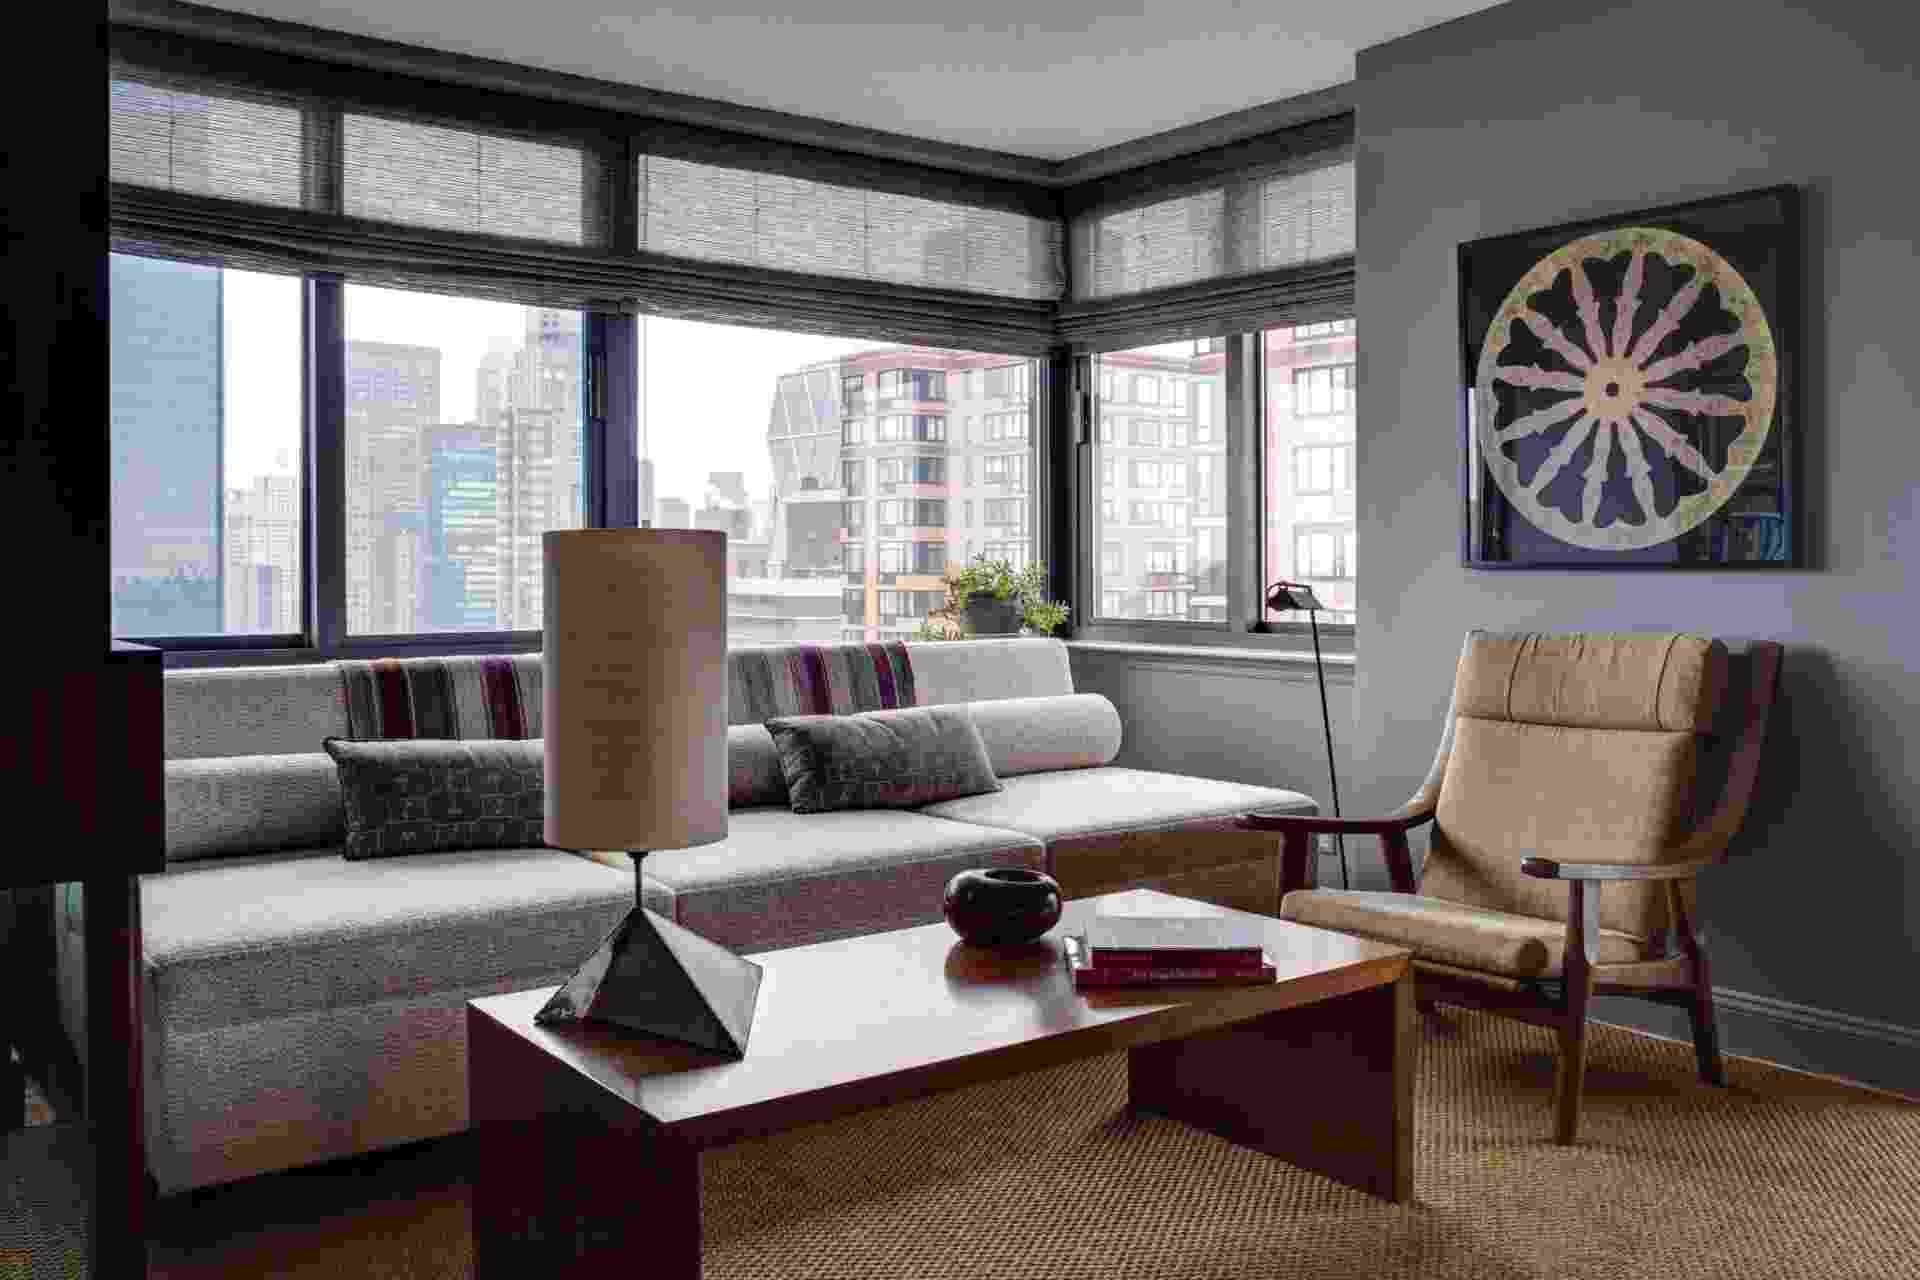 """Ao se mudar do antigo e amplo apartamento que dividia com o designer Jed Johnson (morto em 1996 em um acidente de avião), em um edifício de estilo gótico, na West 67th Street, em Nova York, Alan Wanzenberg tratou seu novo e compacto lugar como """"uma elegante sala de hotel"""" - Bruce Buck/The New York Times"""